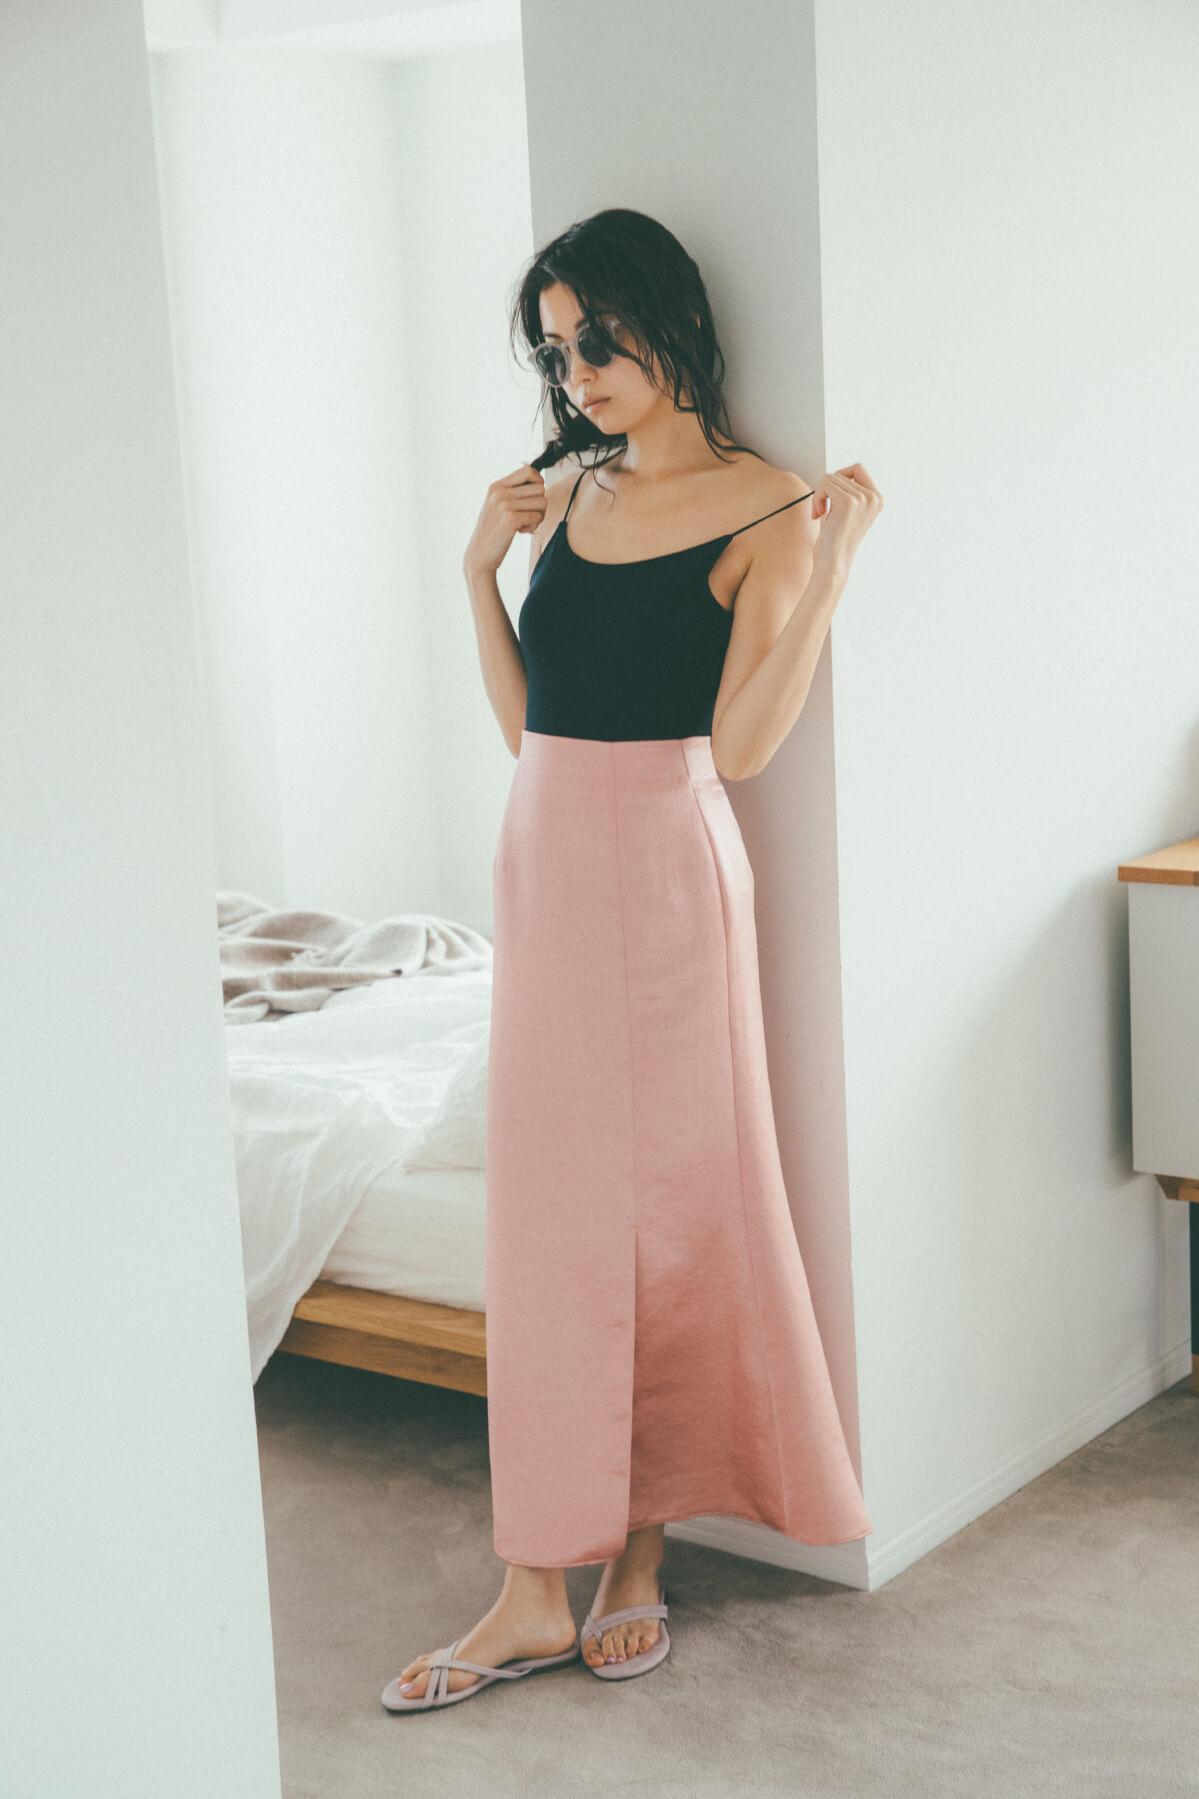 SPRING RHAPSODY 何度でも、スナイデルの春服に恋をする。